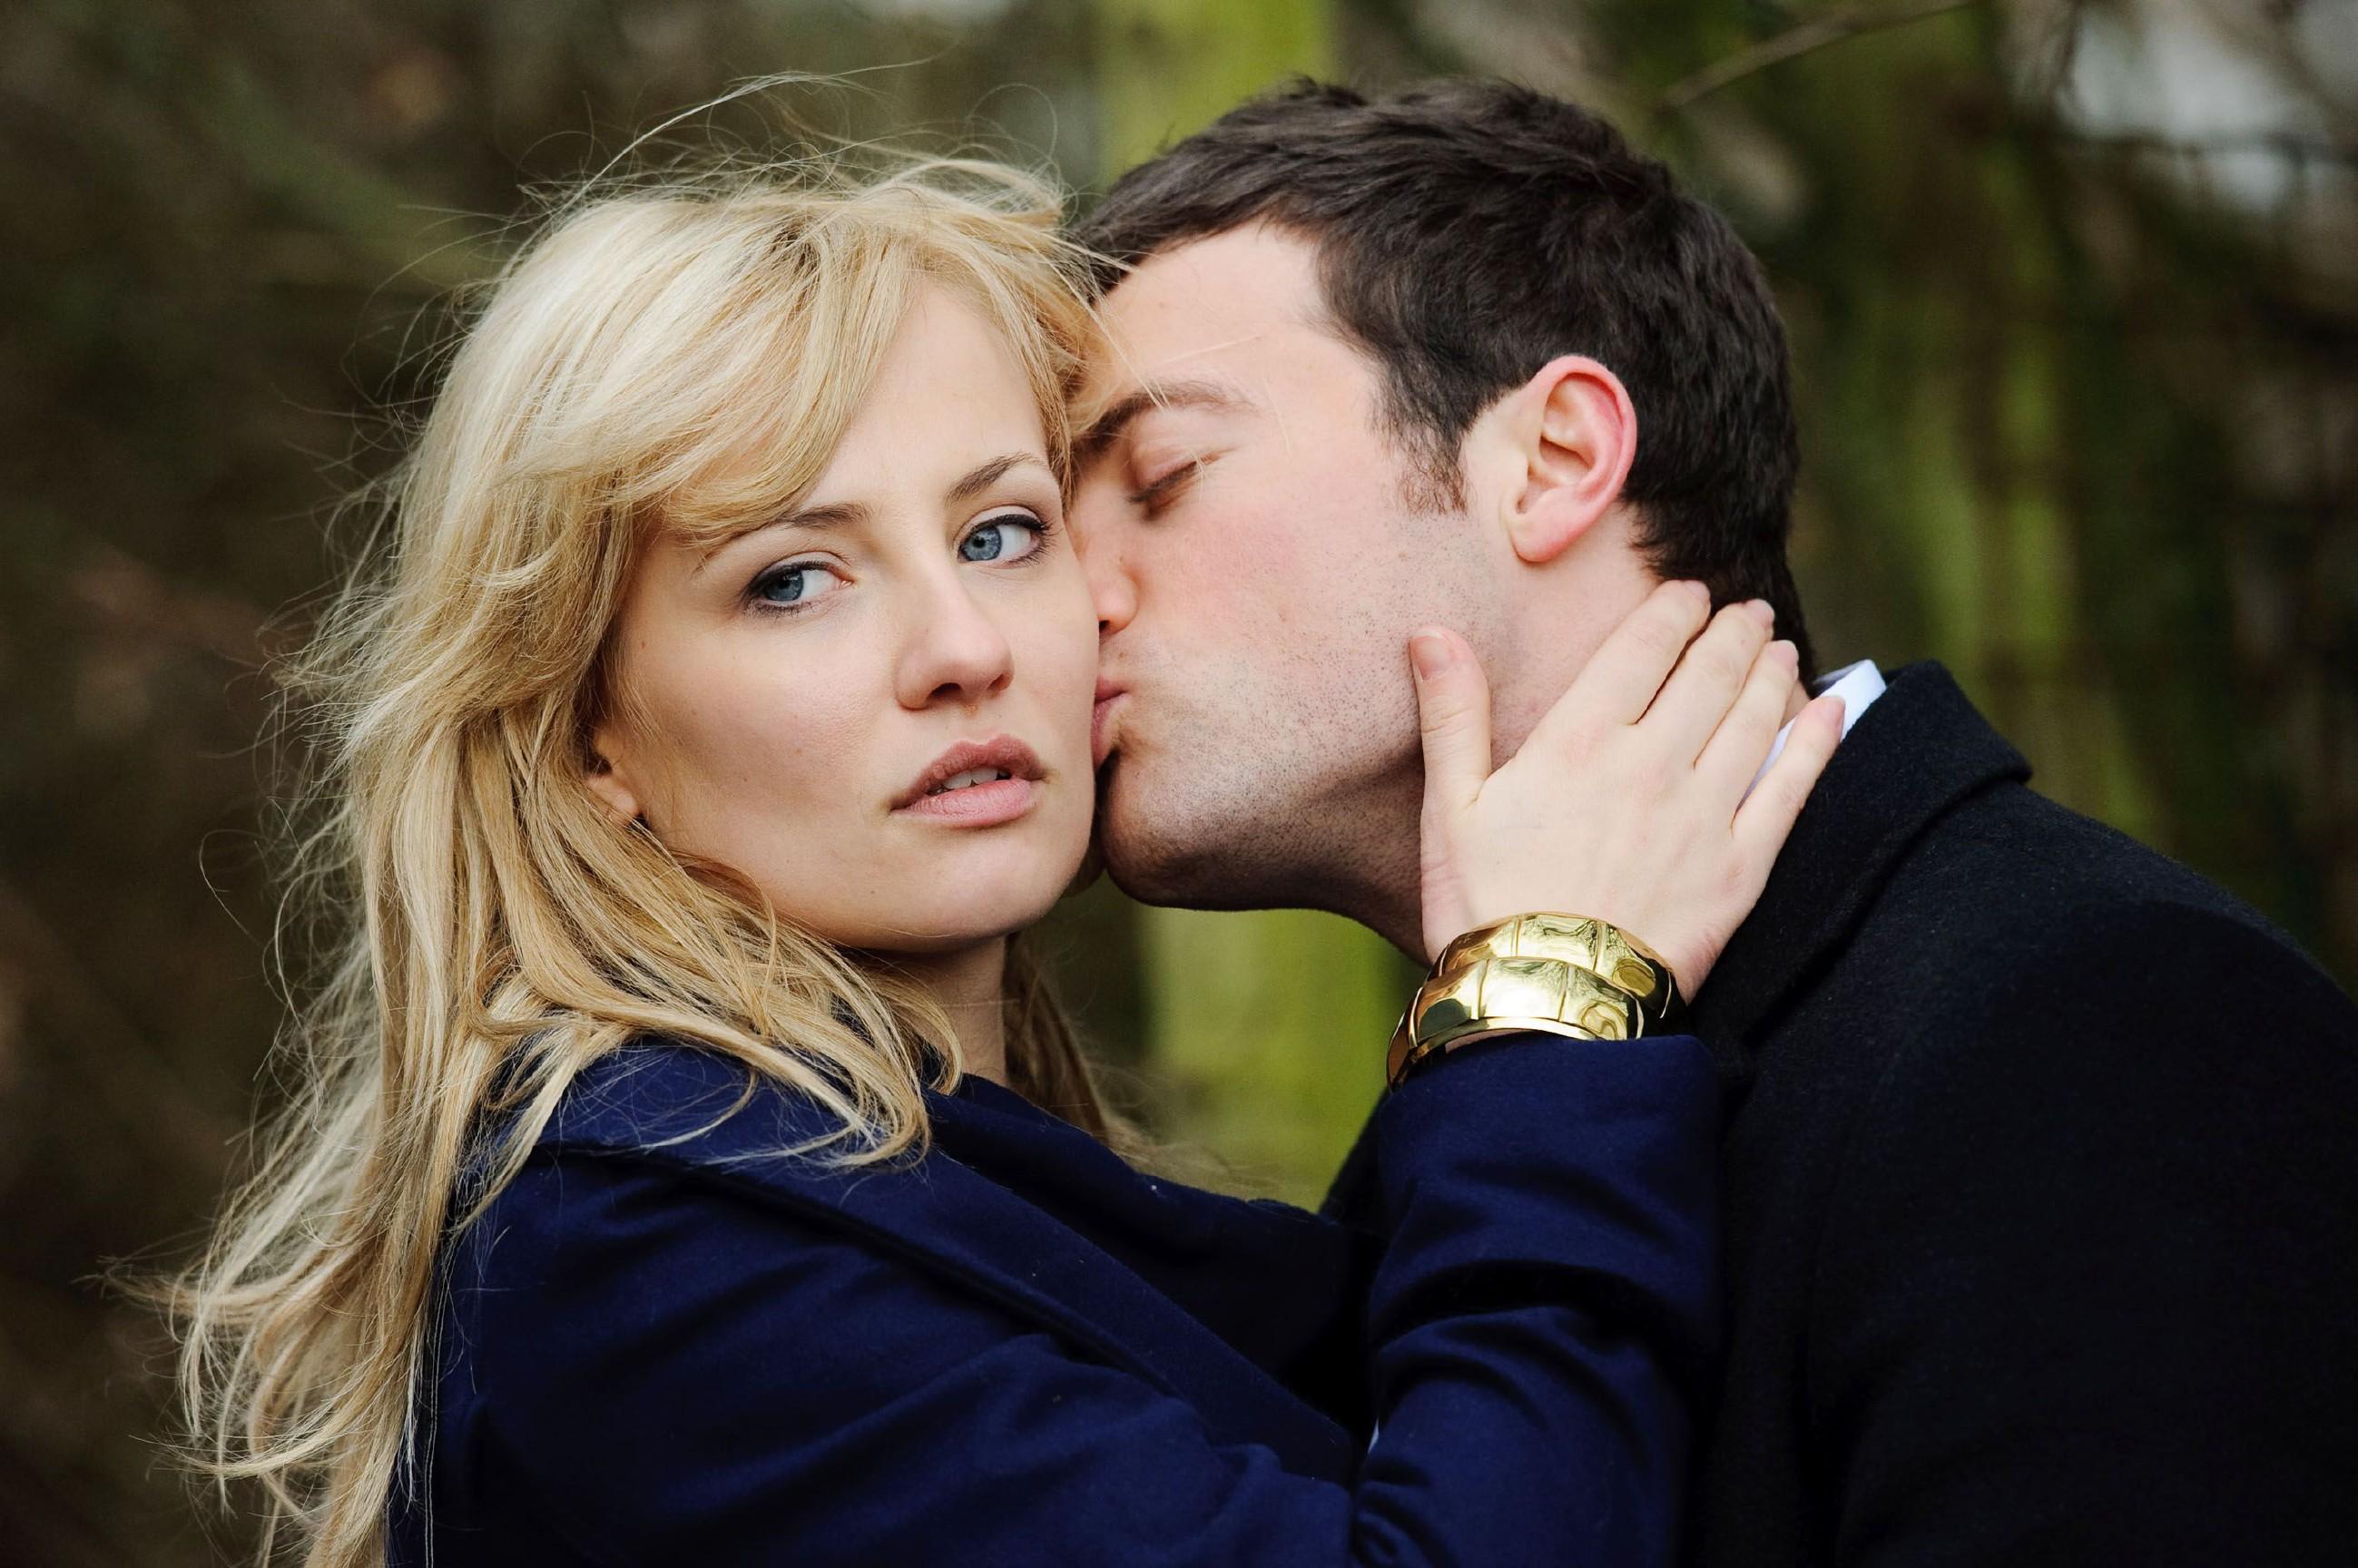 Isabelle (Ania Niedieck) entdeckt, dass ihr heimliches Treffen mit Ben (Jög Rohde) von Katja beobachtet wird.